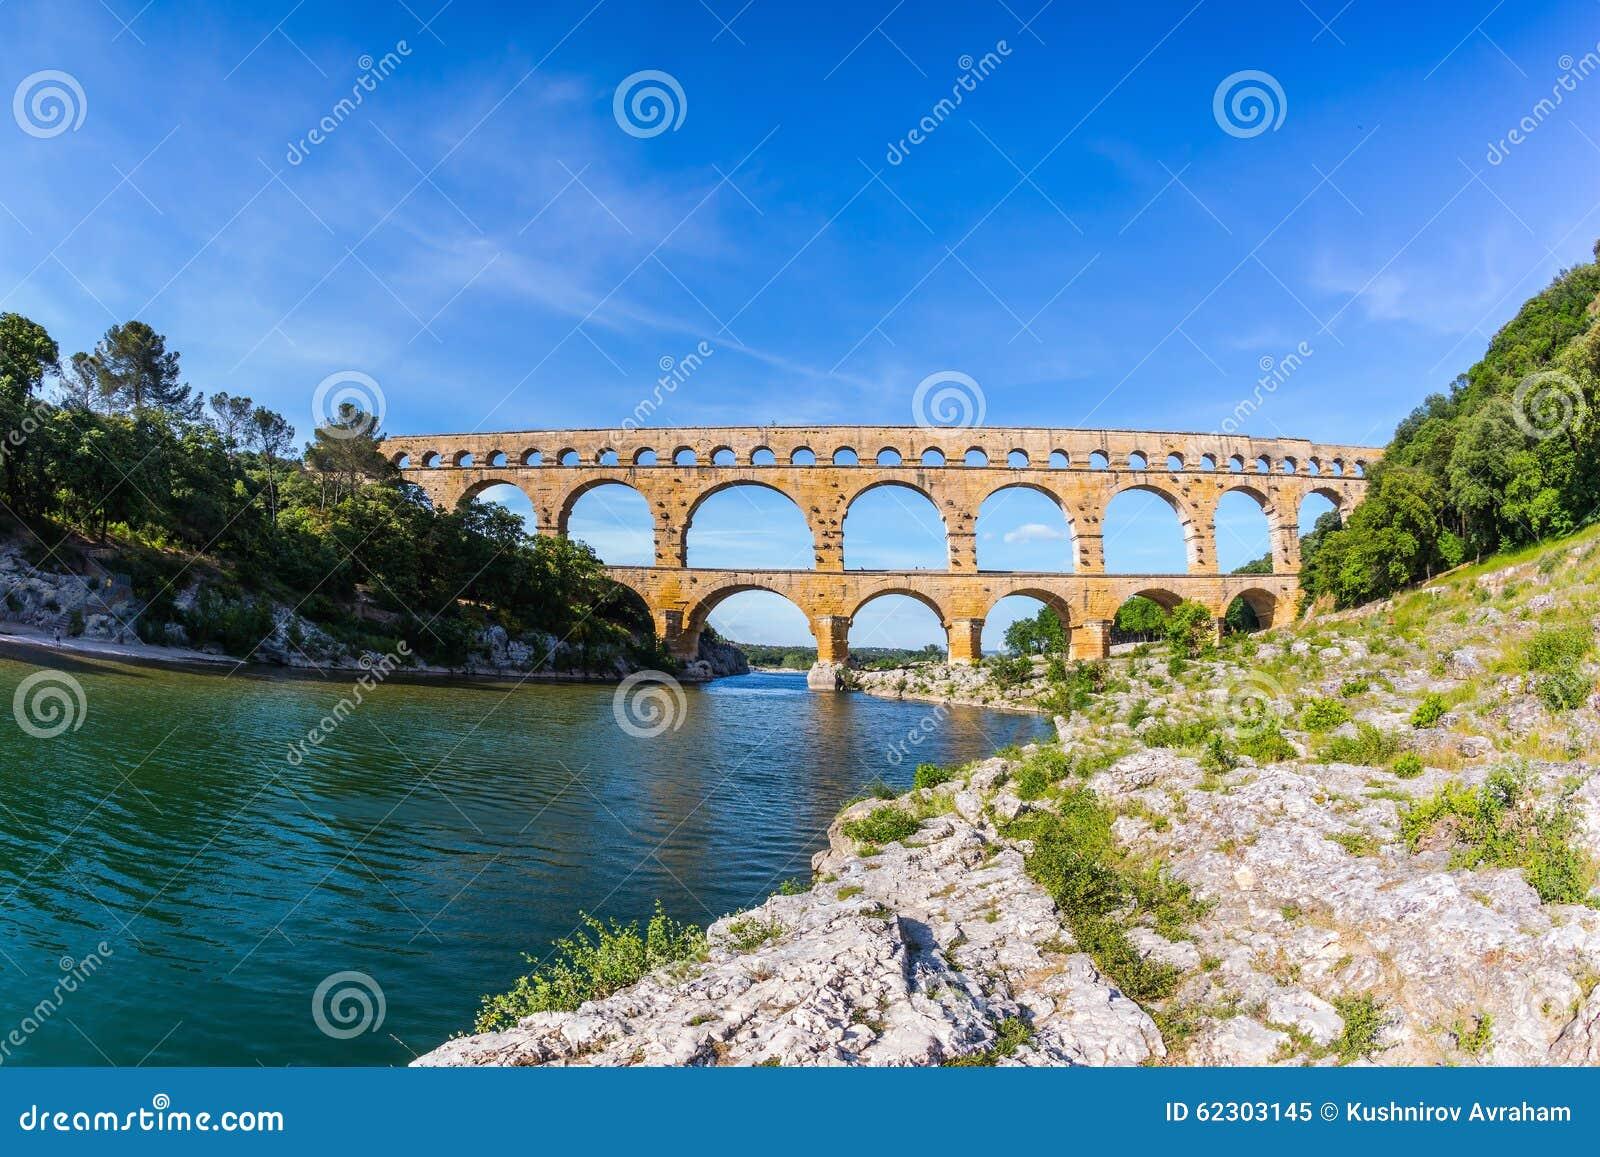 3-tiered мост-водовод Pont du Гар в Провансали